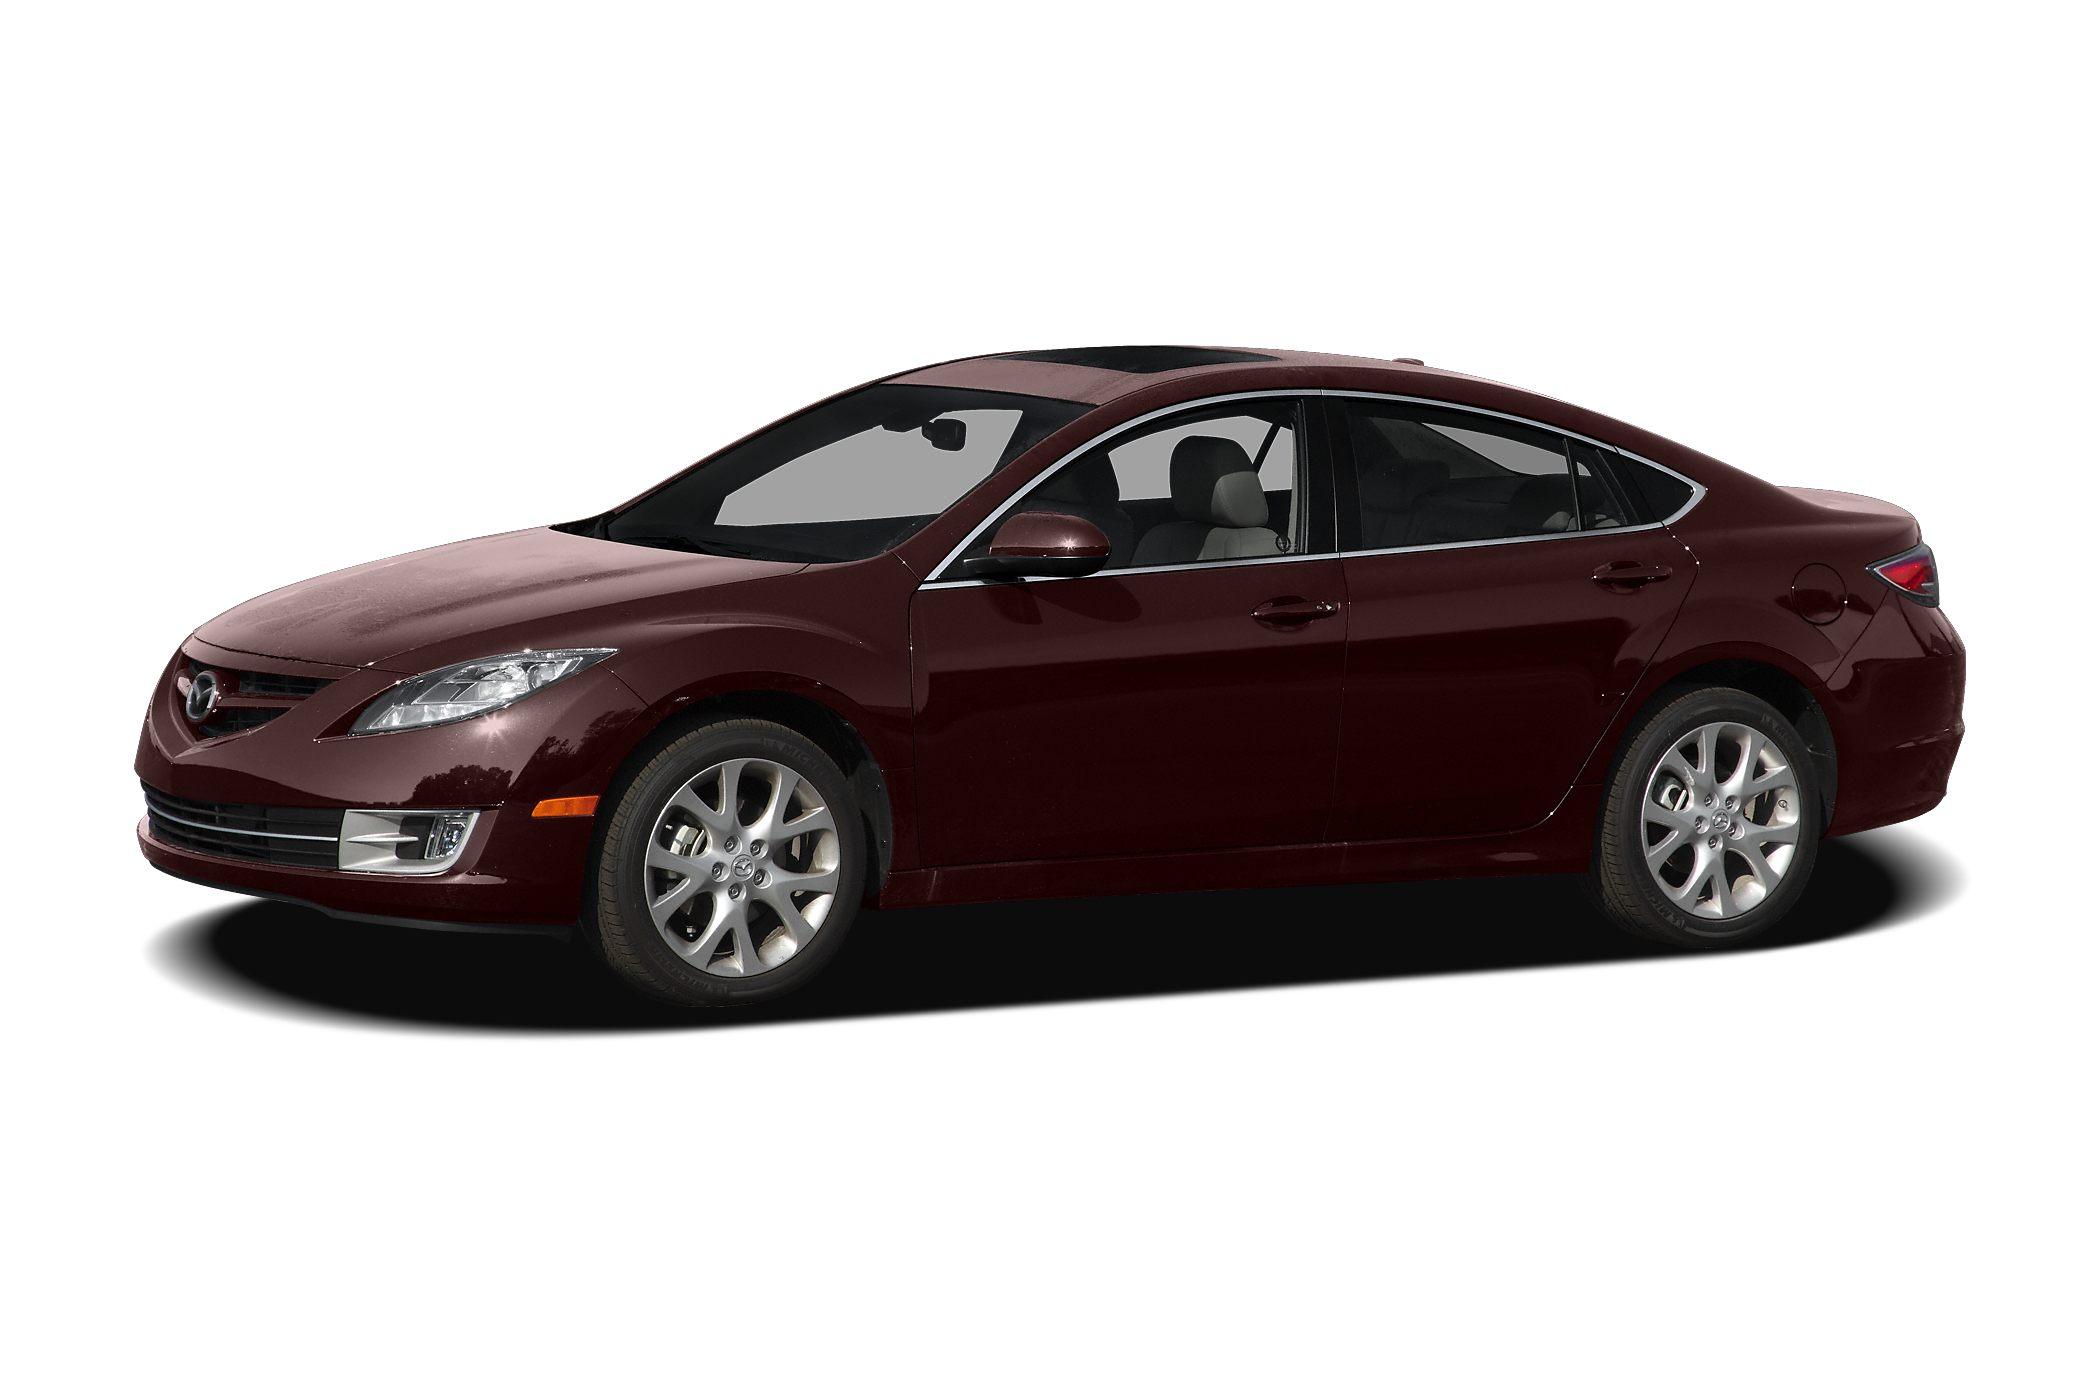 2010 Mazda Mazda6 Pictures